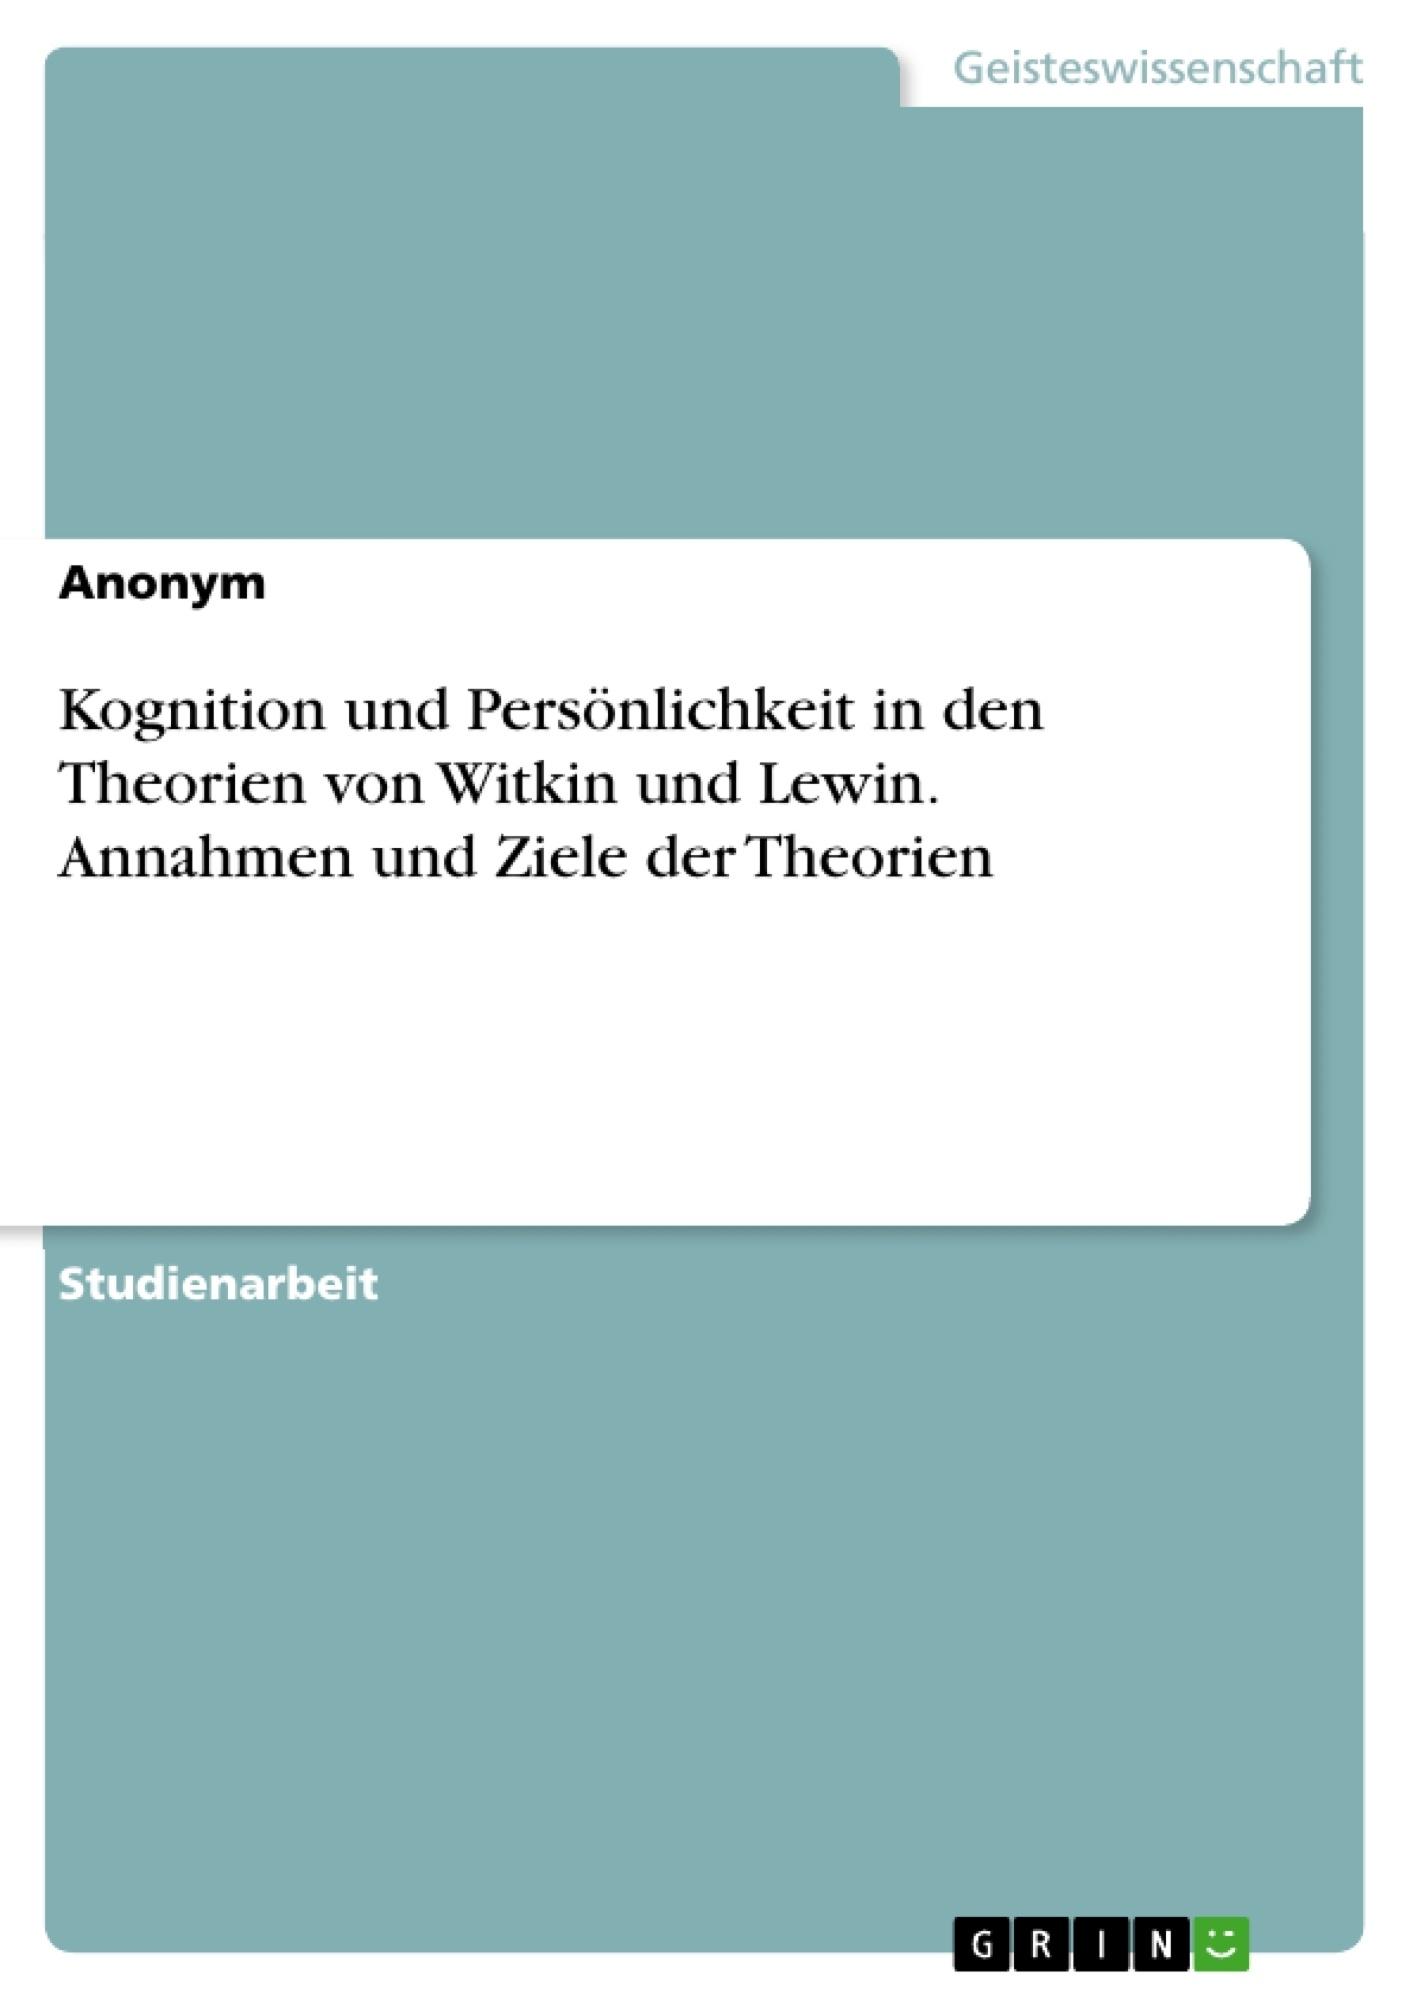 Titel: Kognition und Persönlichkeit in den Theorien von Witkin und Lewin. Annahmen und Ziele der Theorien